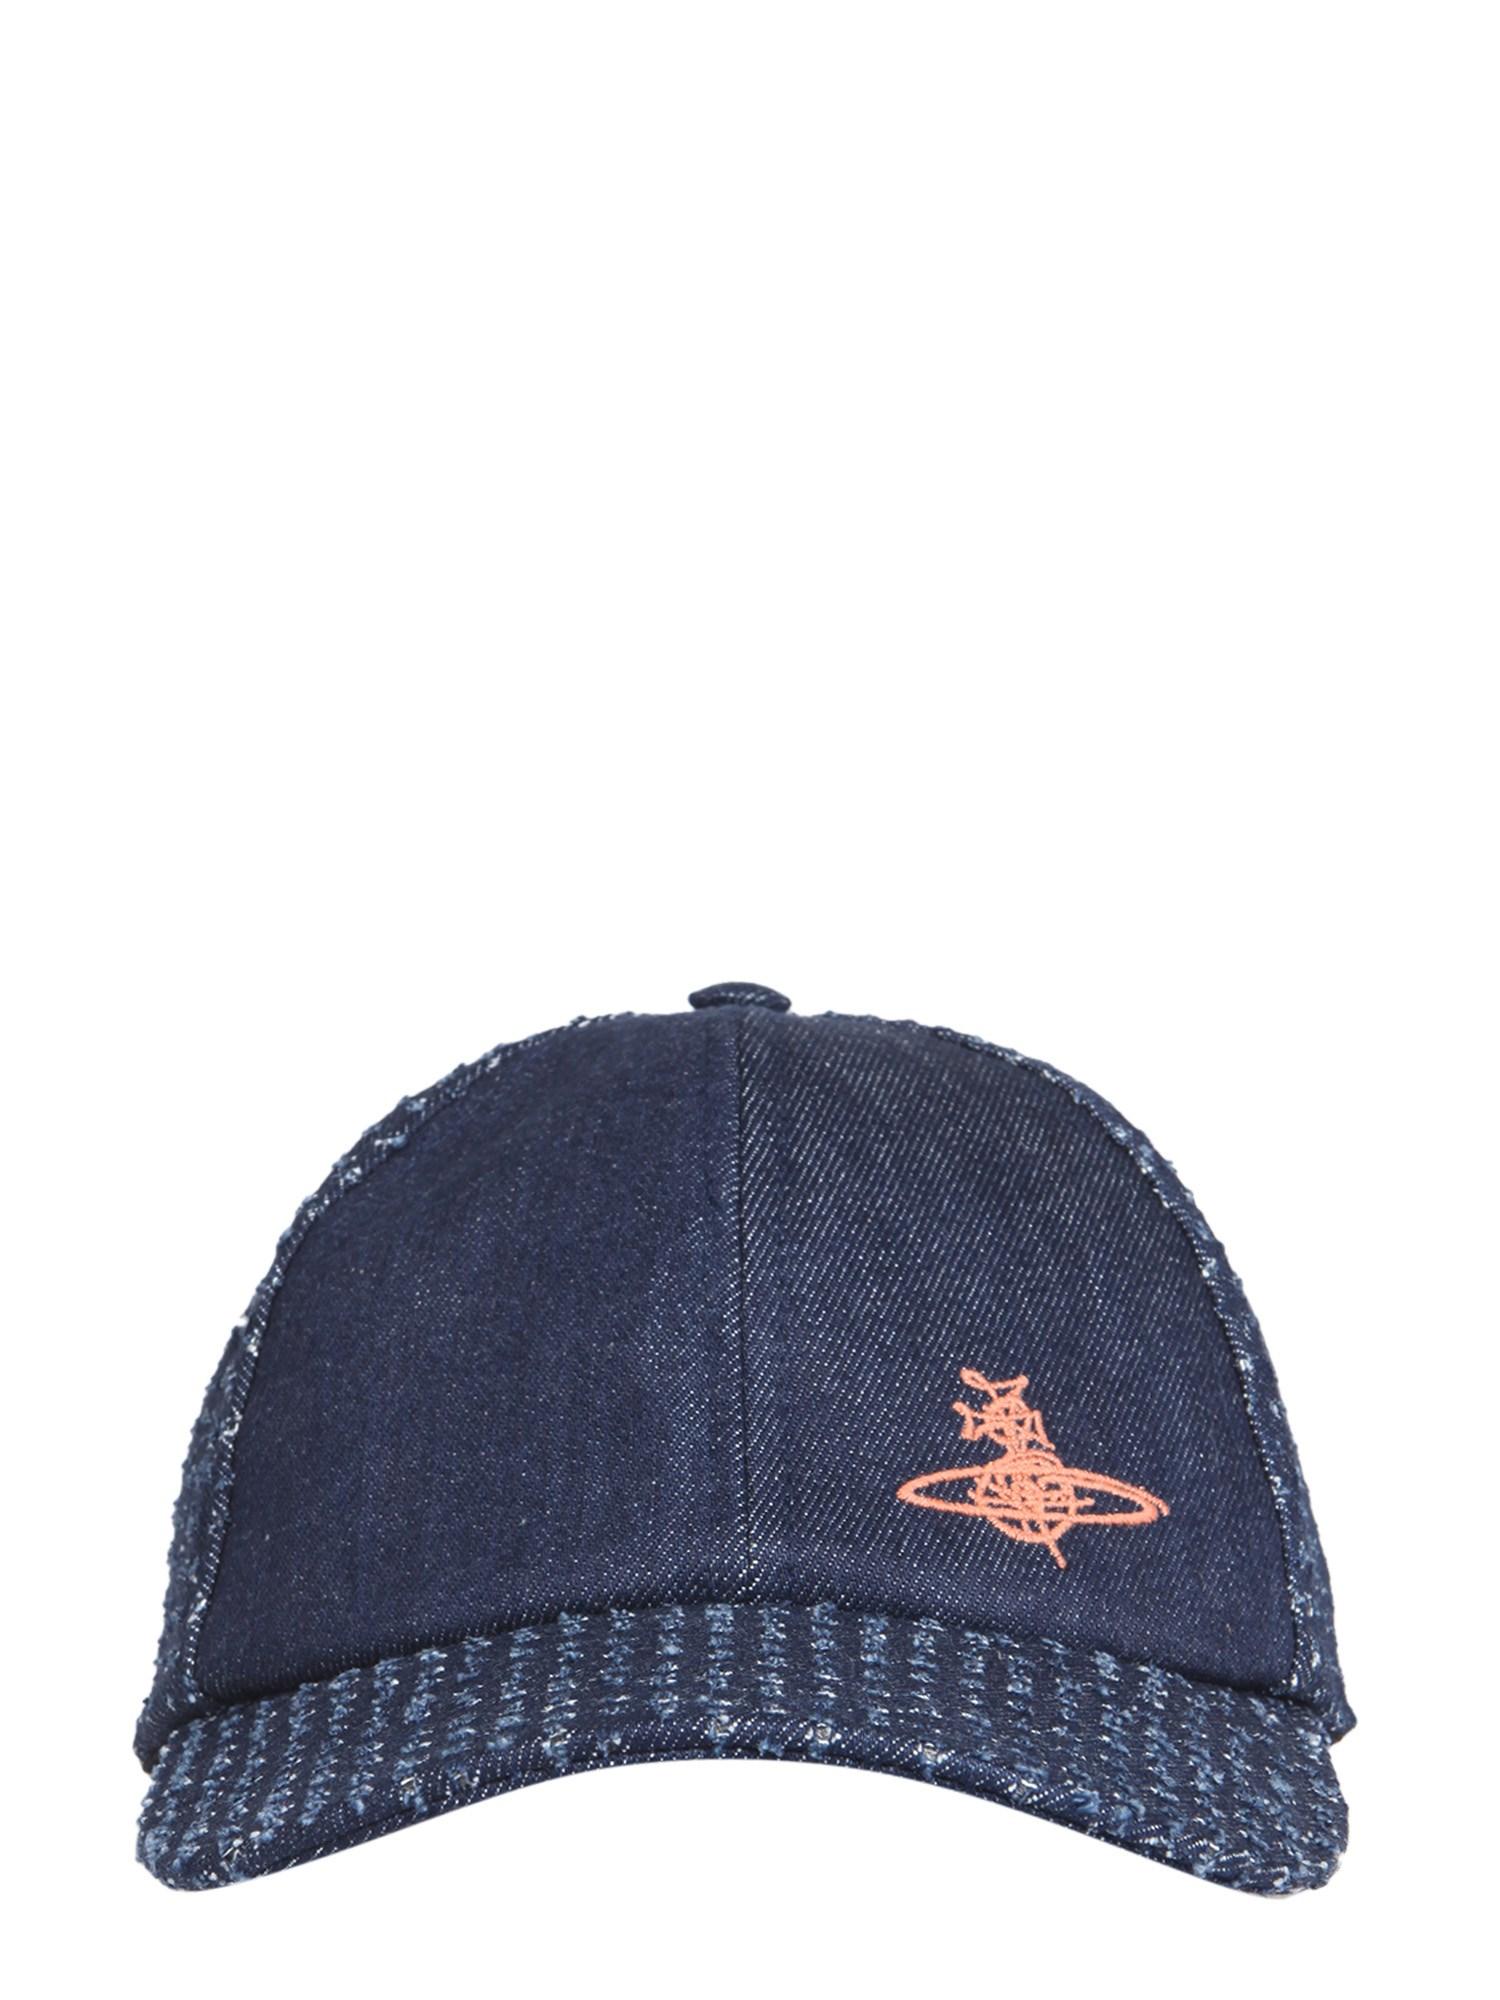 vivienne westwood baseball cap